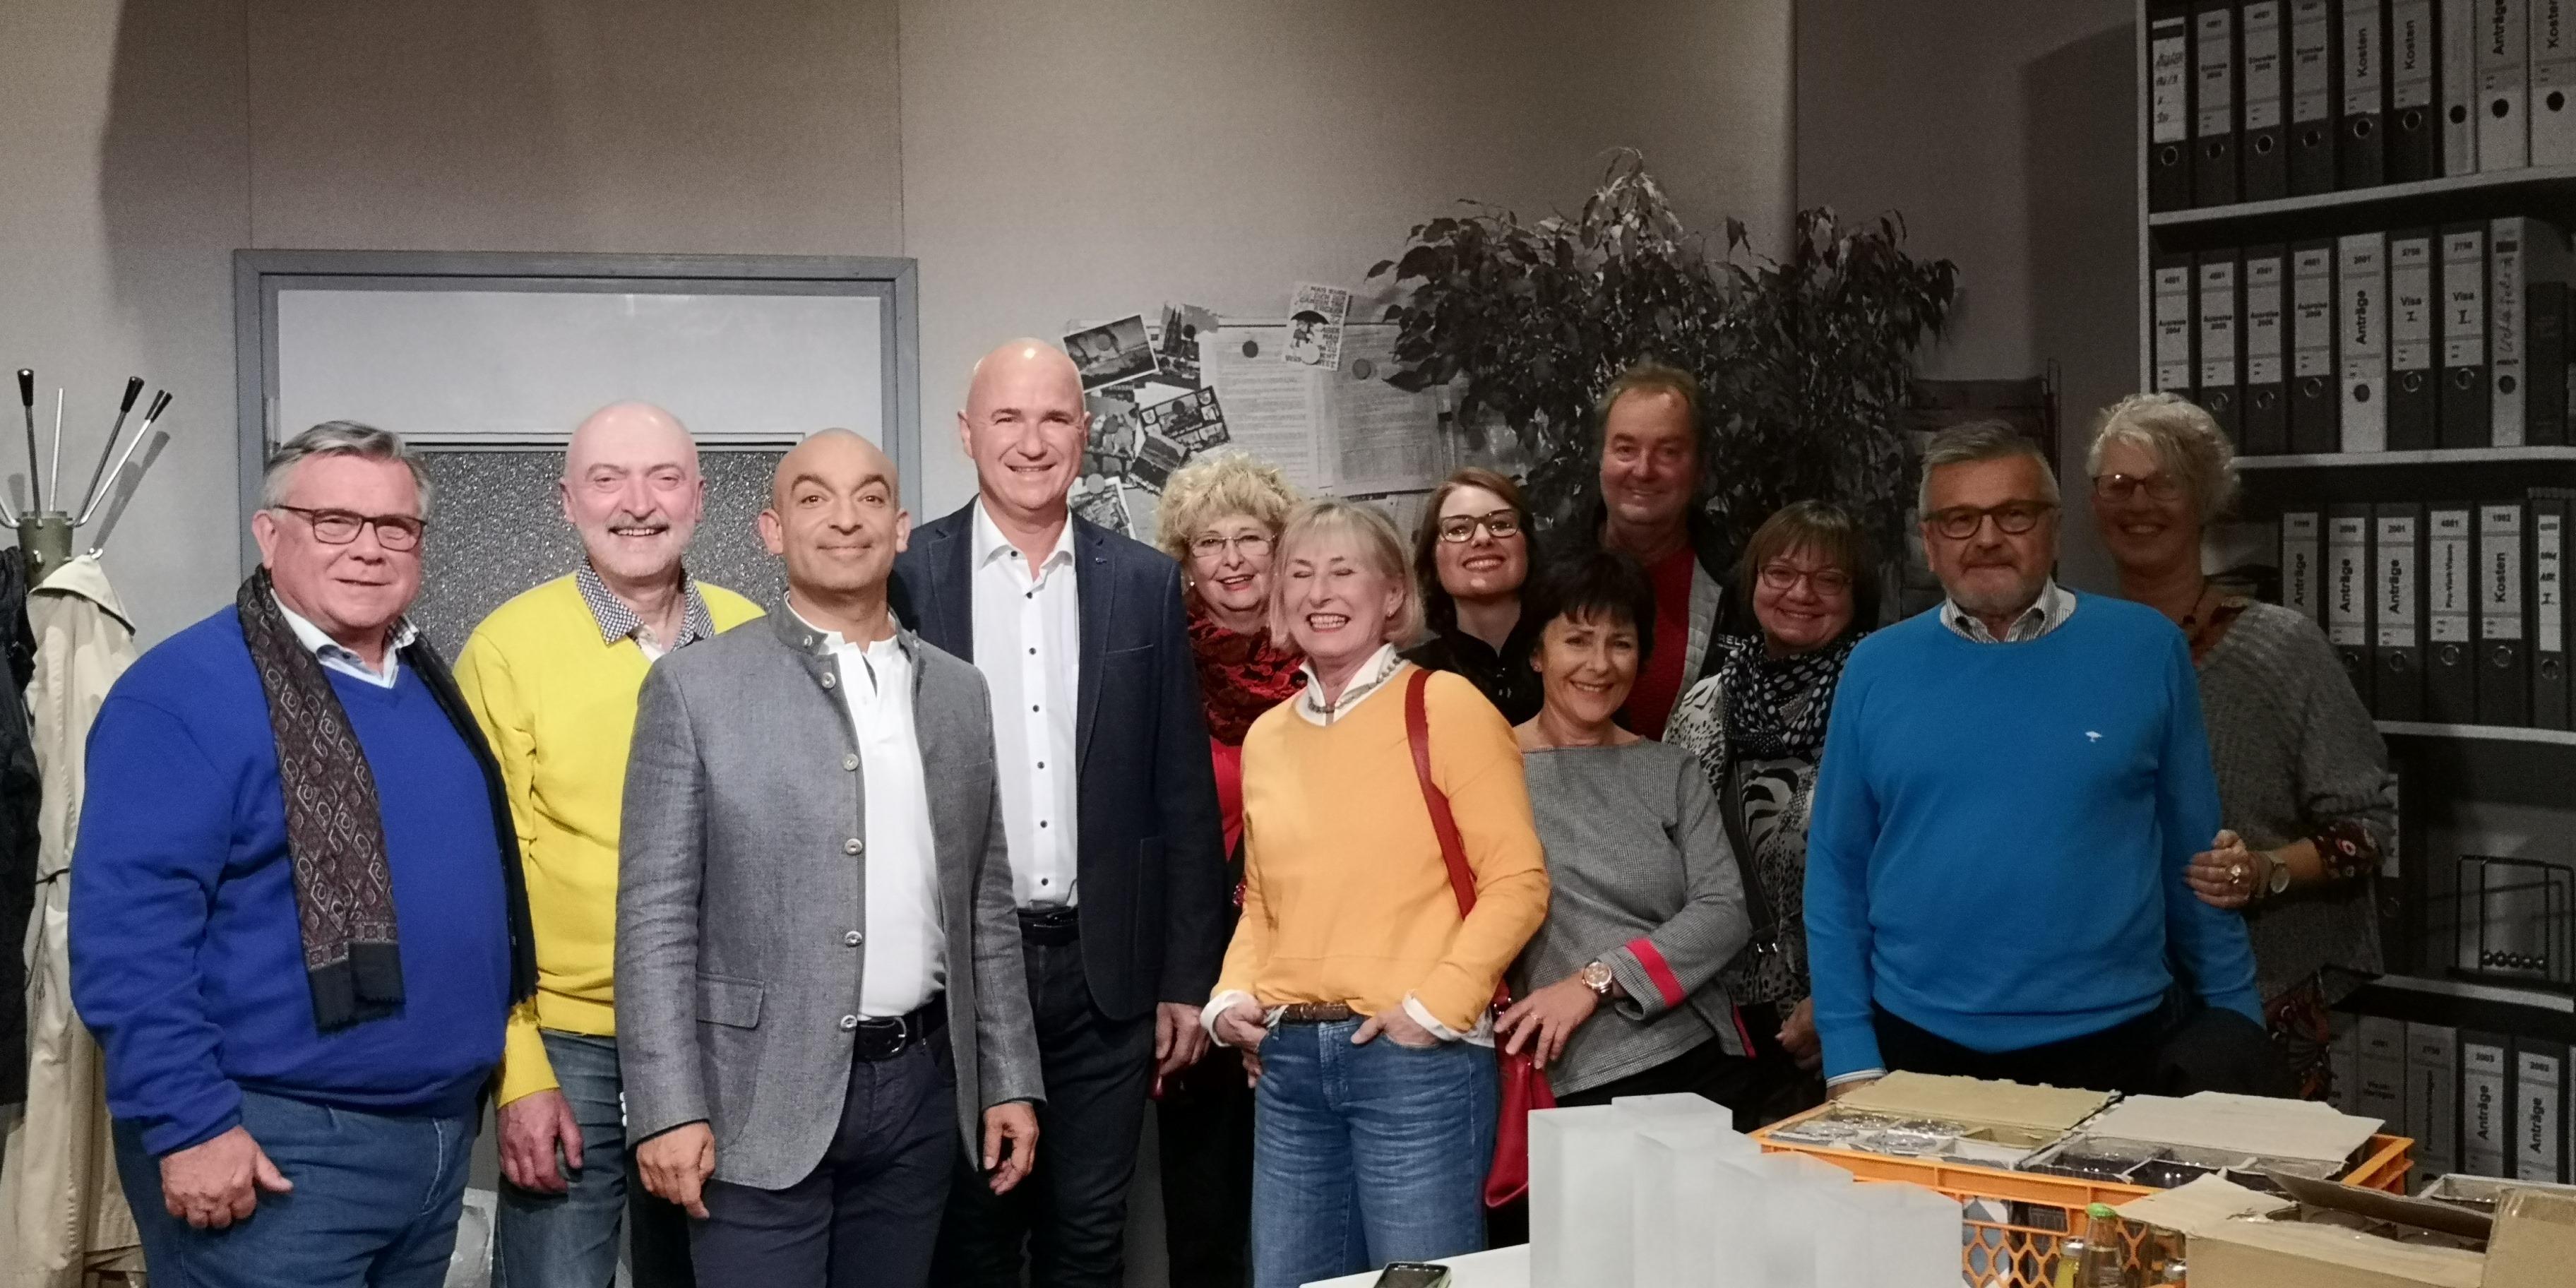 Dank und Freude: Lebenshilfe-Chef John lud Unterstützerkreis zur BR-Sendung mit Django Asül und Wolfgang Krebs, ein.